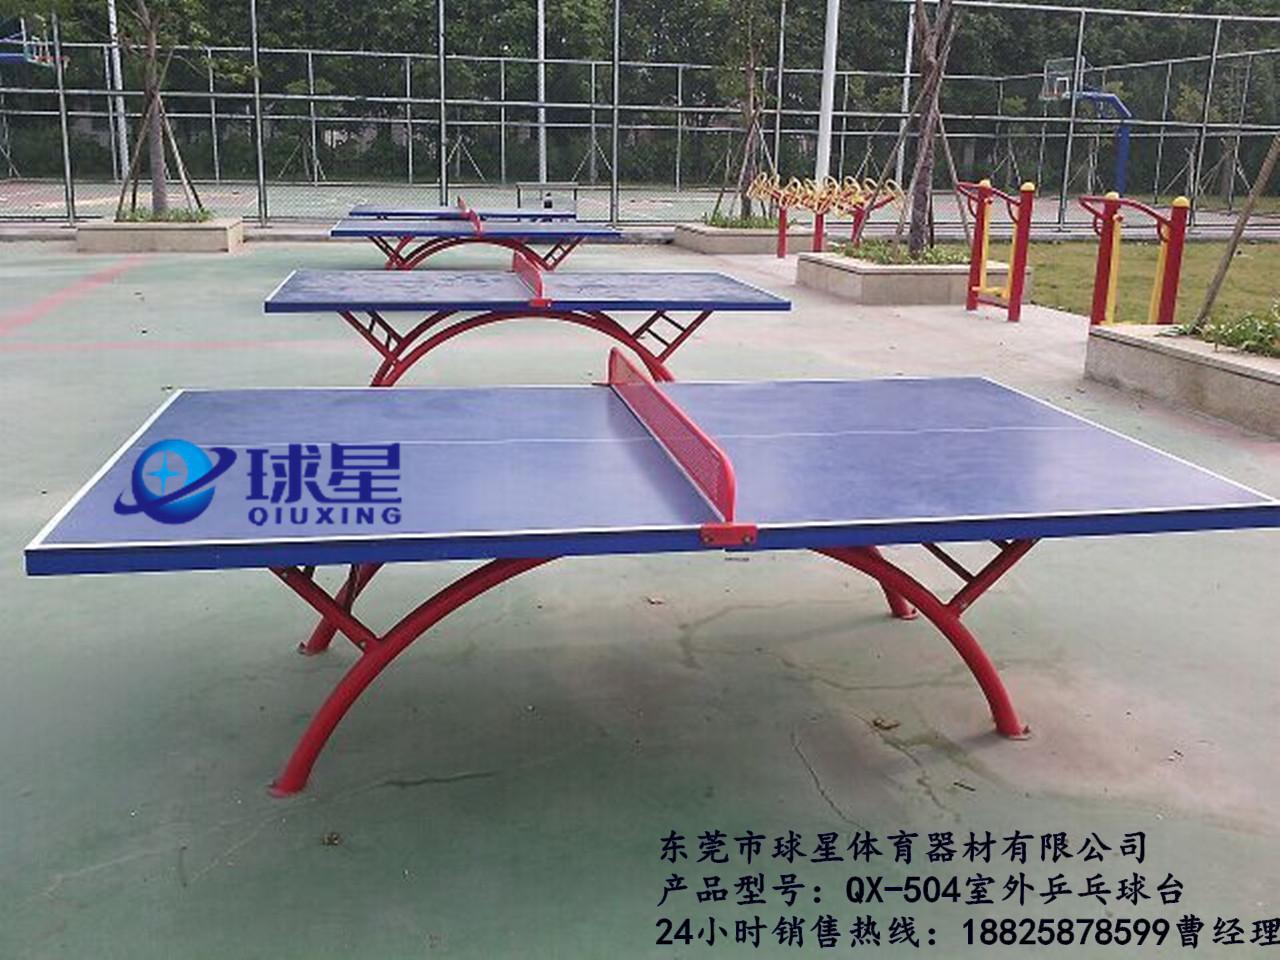 乒乓球台实拍